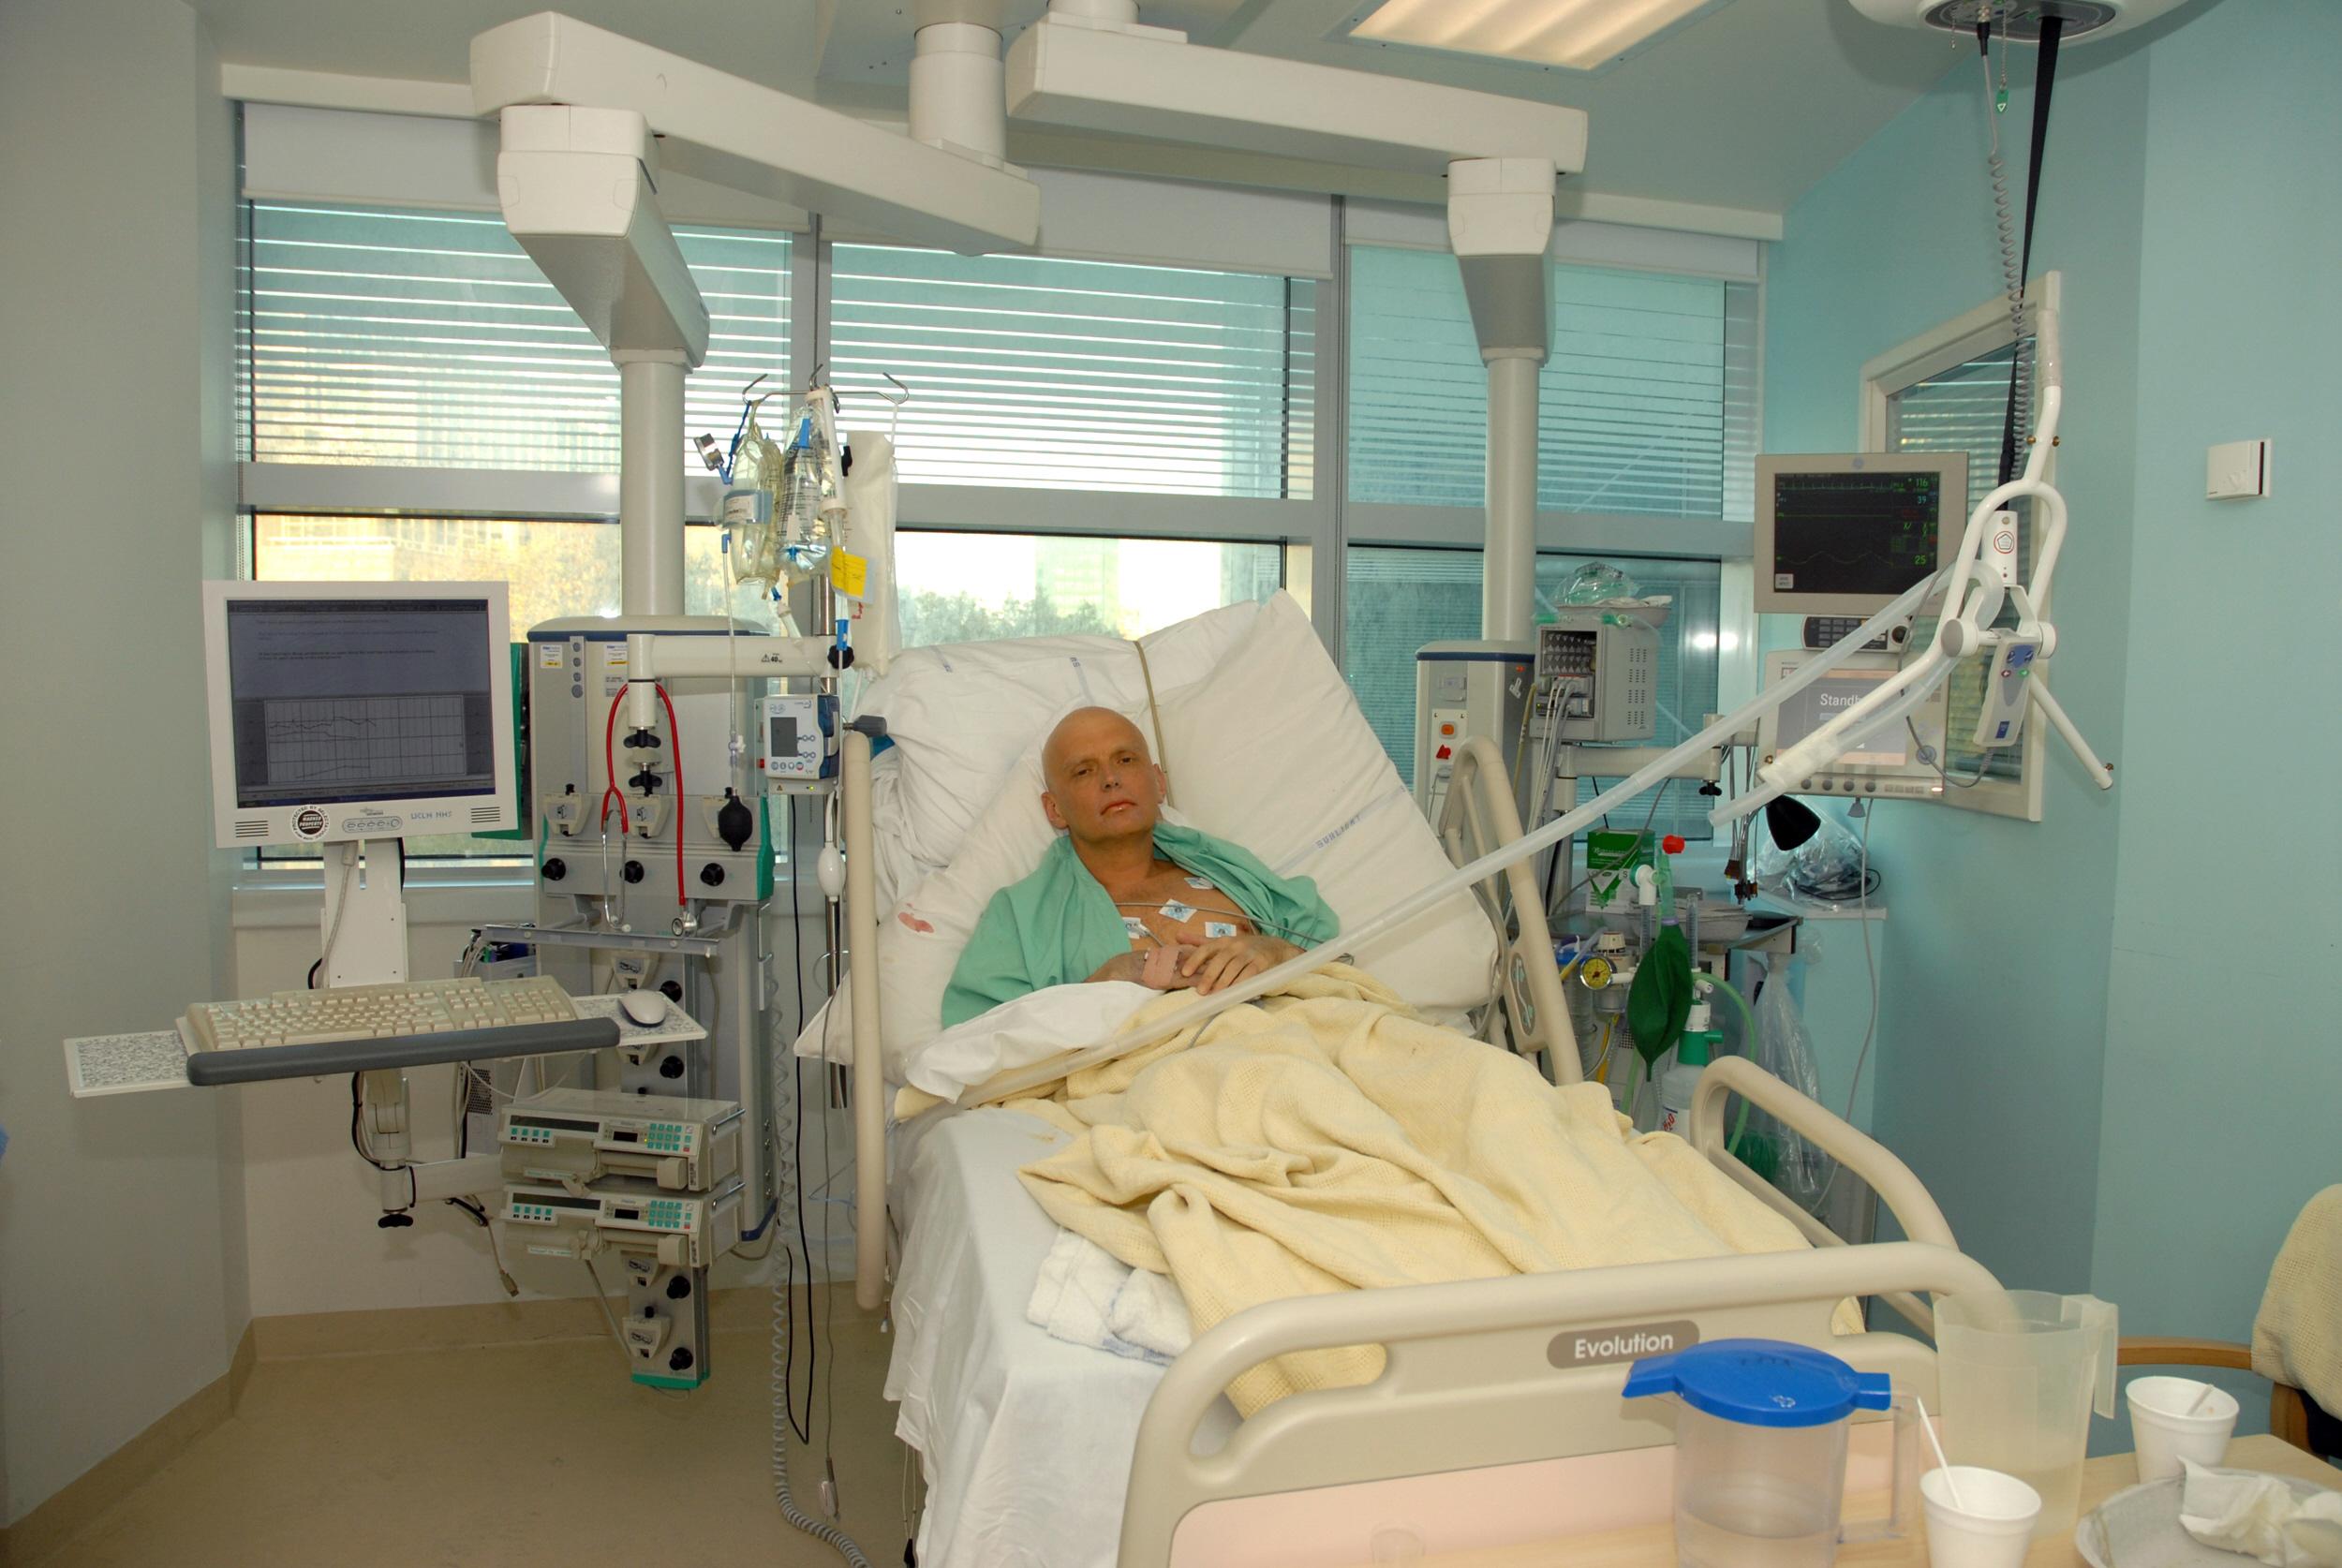 Autopsia lui Aleksandr Litvinenko, considerata de un medic legist cea mai periculoasa din istoria Occidentului